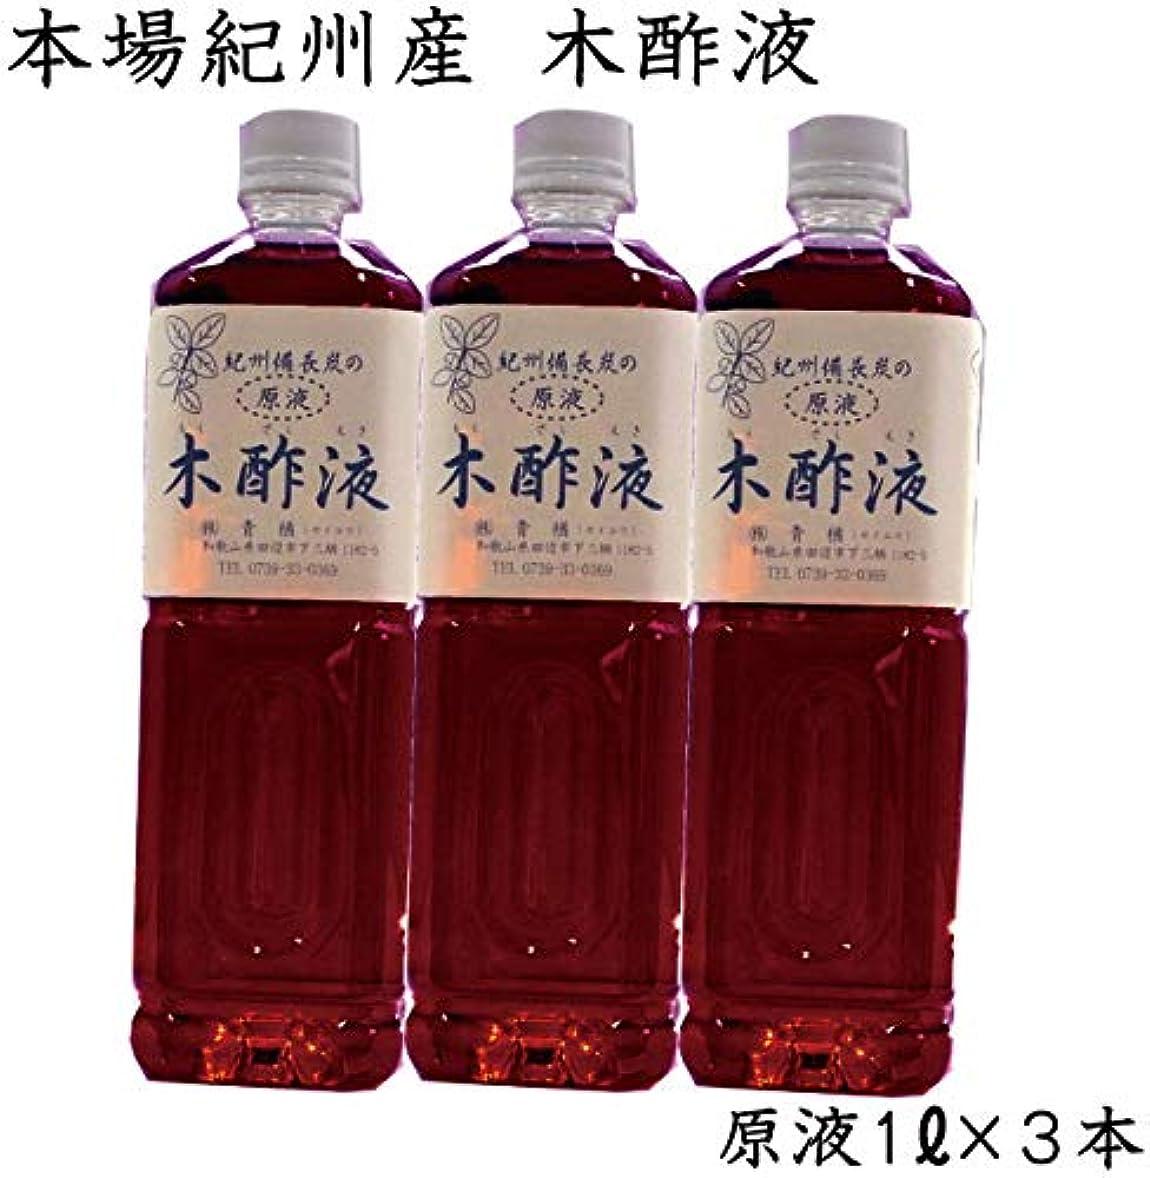 セッションインテリア鎮静剤モクサクエキ 1L×3本 本場 入浴用 原液 木酢 もくさくえき 青楢